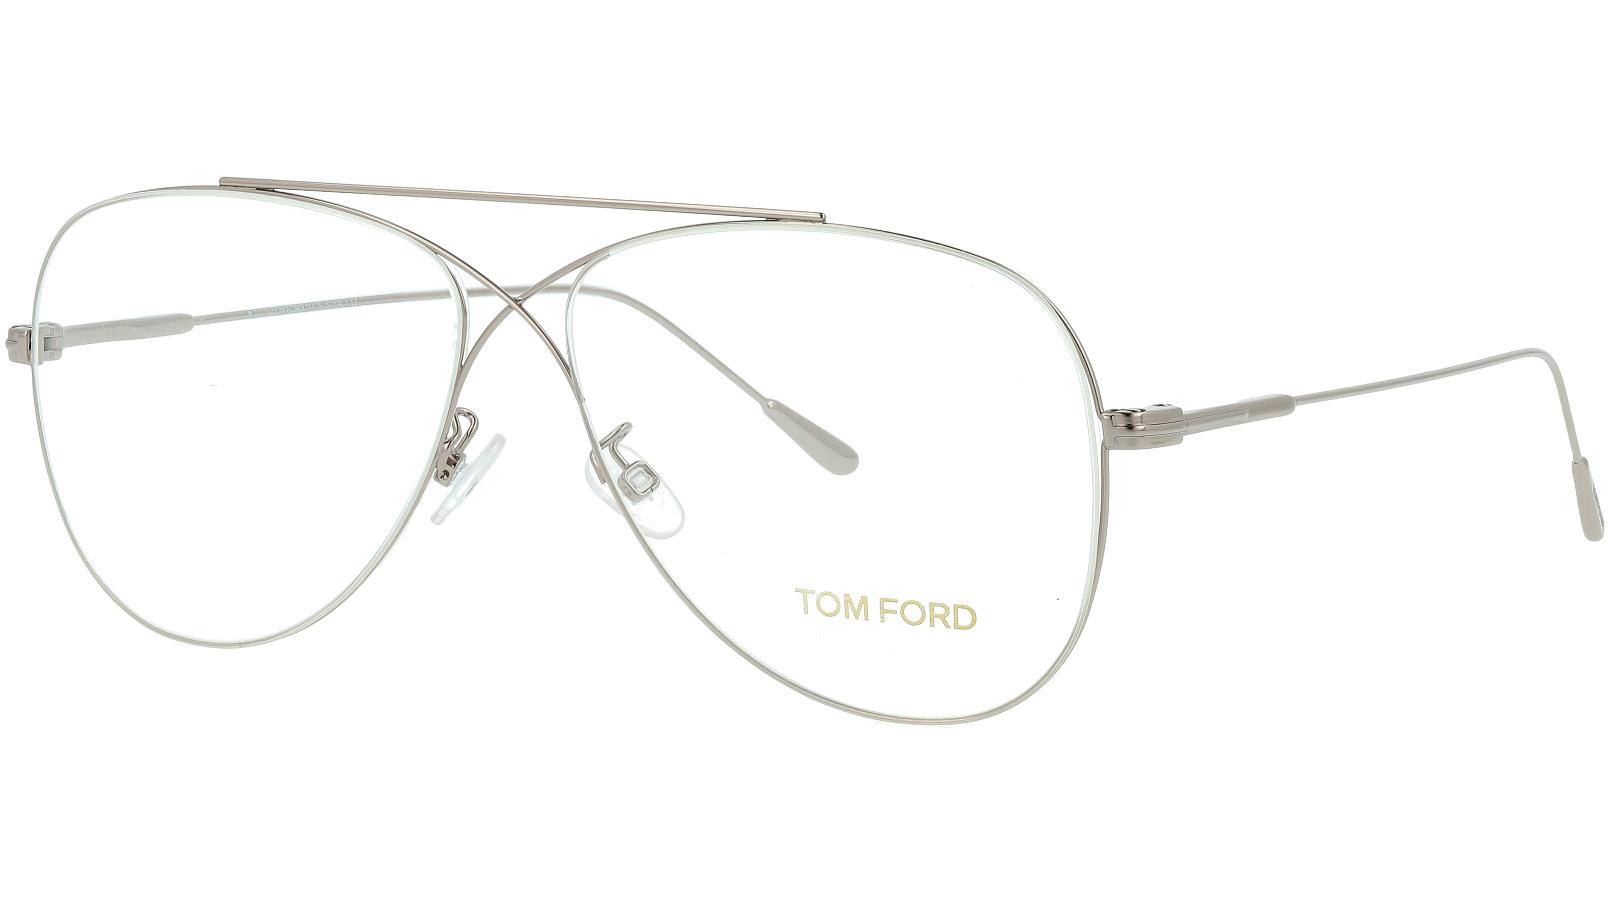 TOM FORD FT5531 014 56 SHINY Glasses